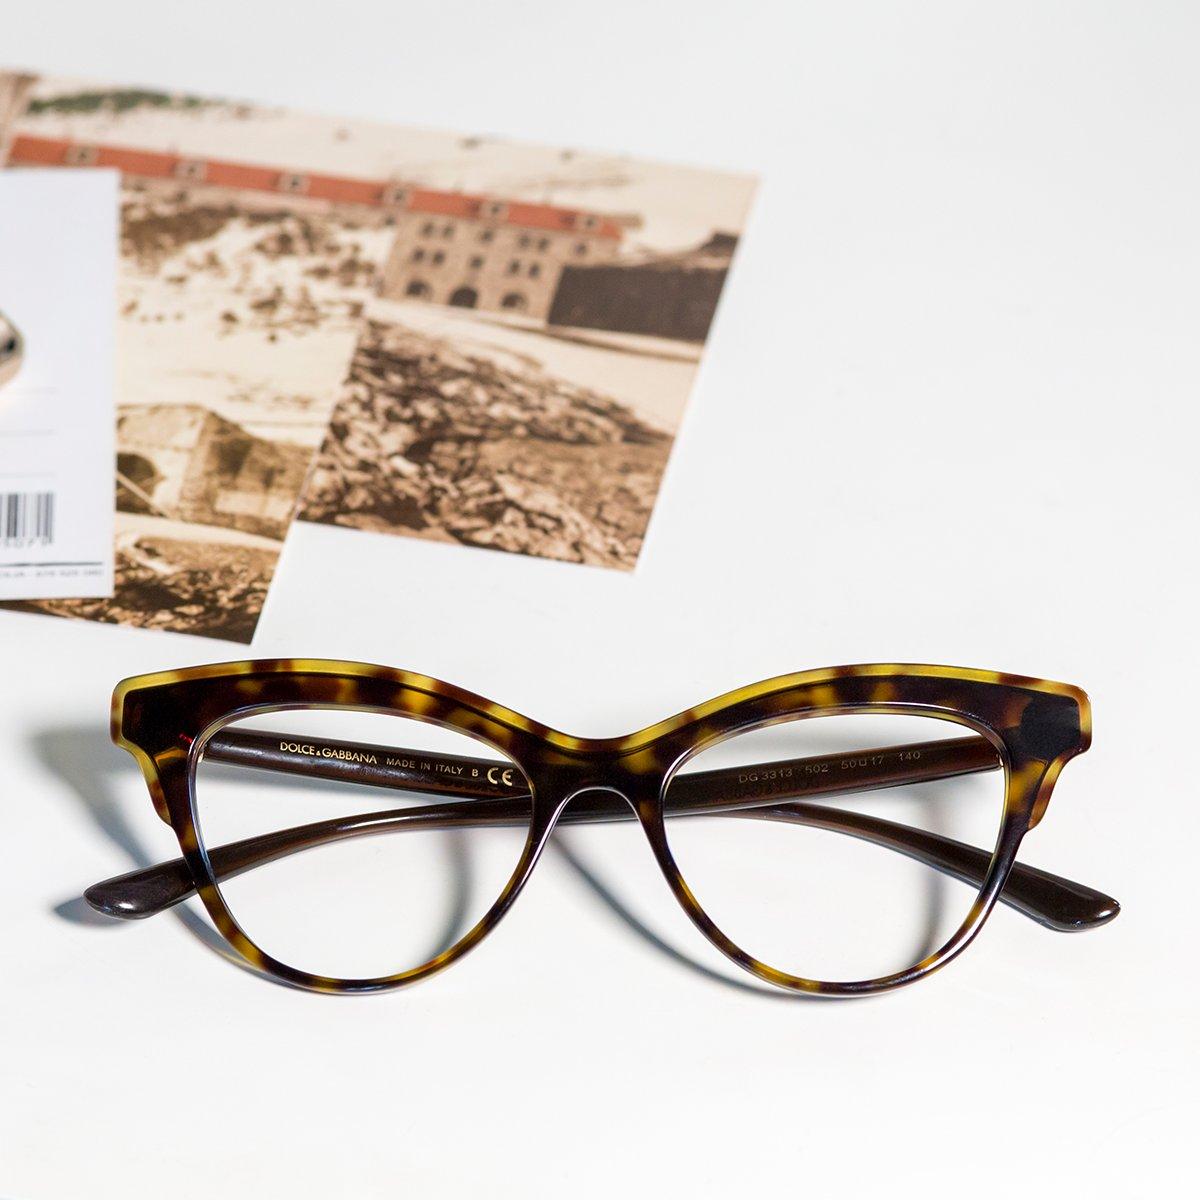 Dizem que se olhas para postais antigos com estes @dolcegabbana podes transportar-te até esse momento. 💭 #maisoptica #oteuolharestu #oculosgraduados #dolcegabbana #dolcegabbanaglasses #eyewear #oculos #Glasses #eyeglasses #moda #fashion